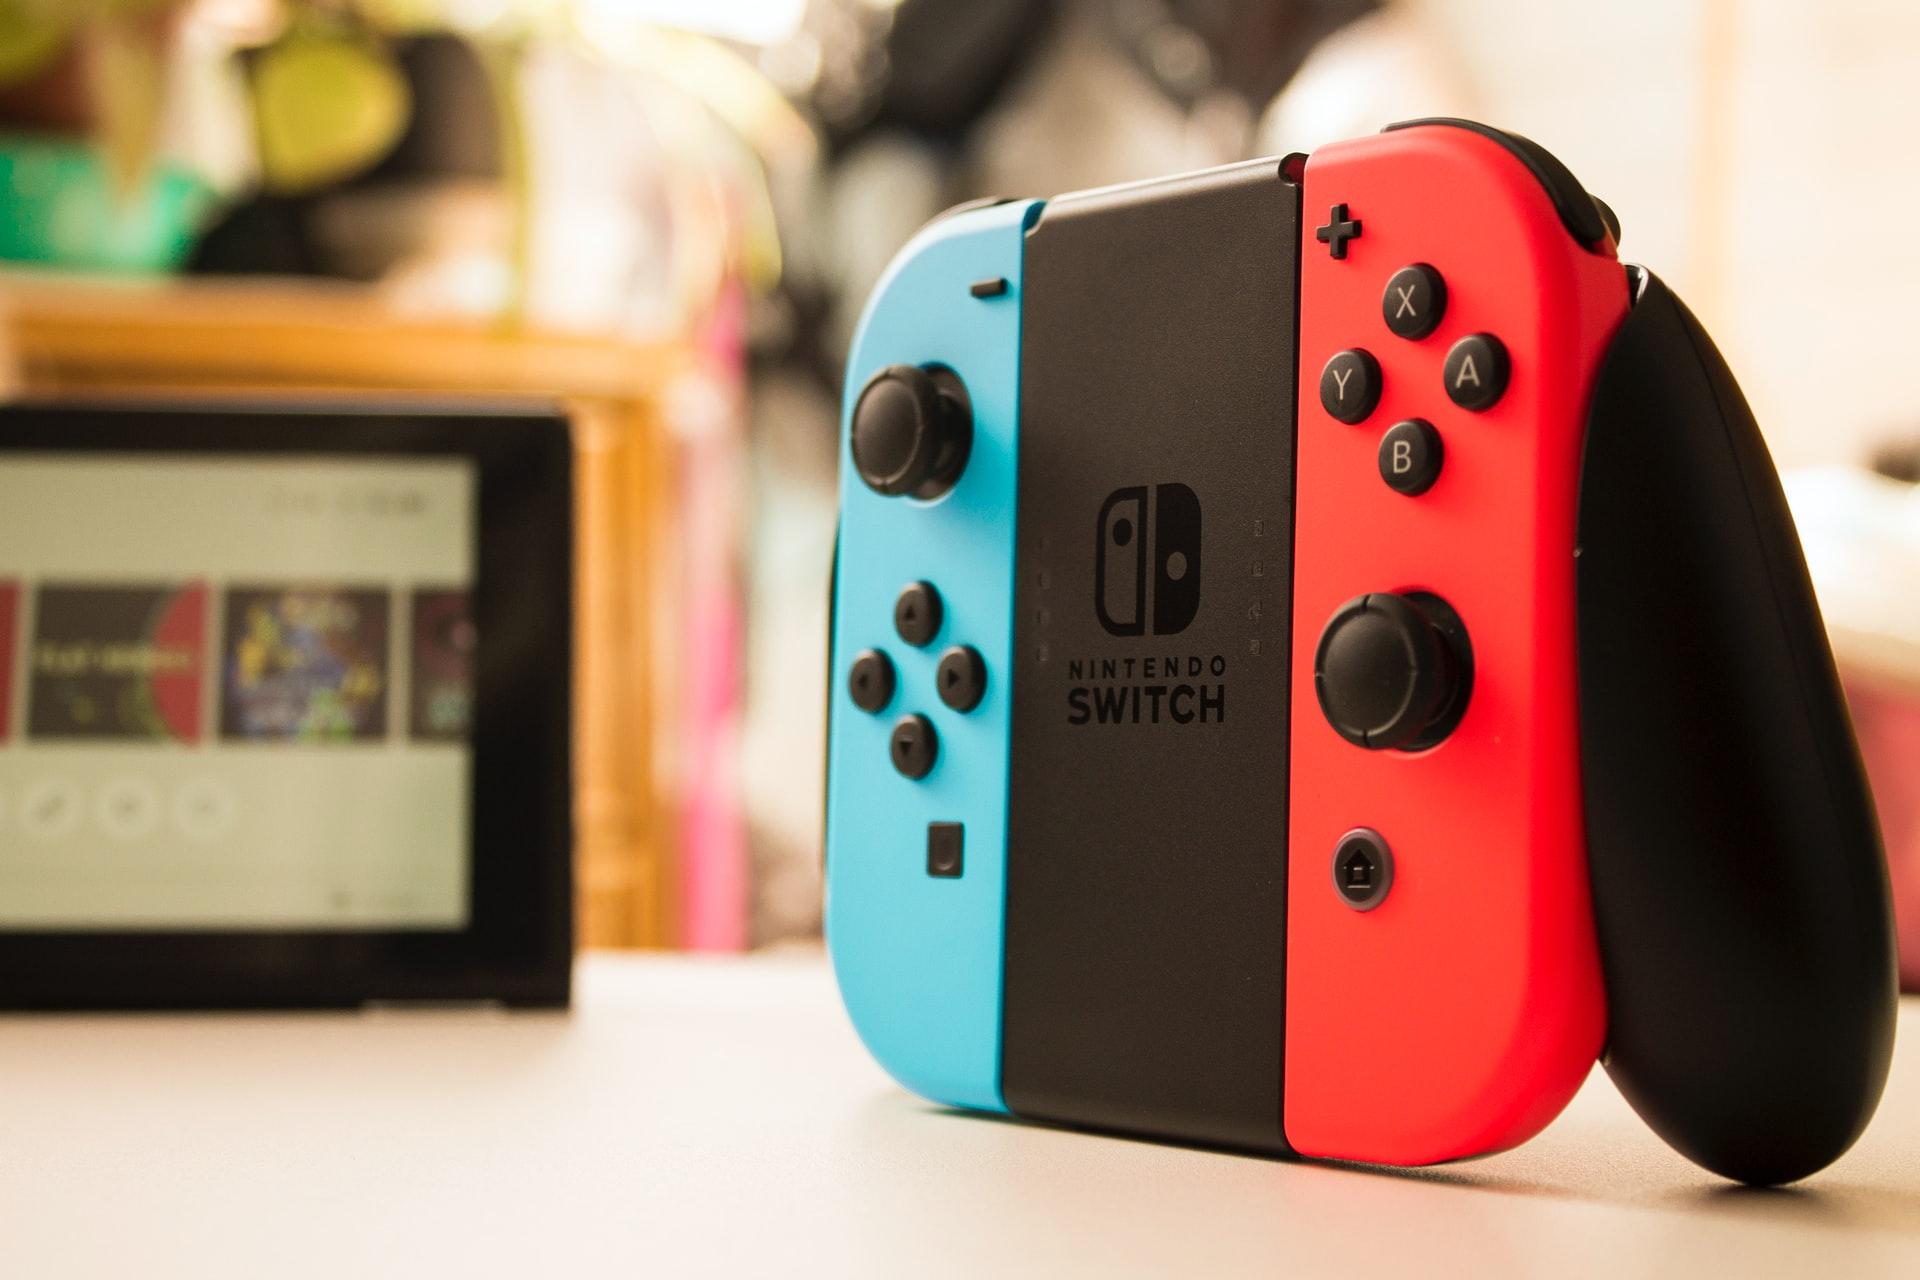 ¿Qué debería tener la nueva versión de la Nintendo Switch?